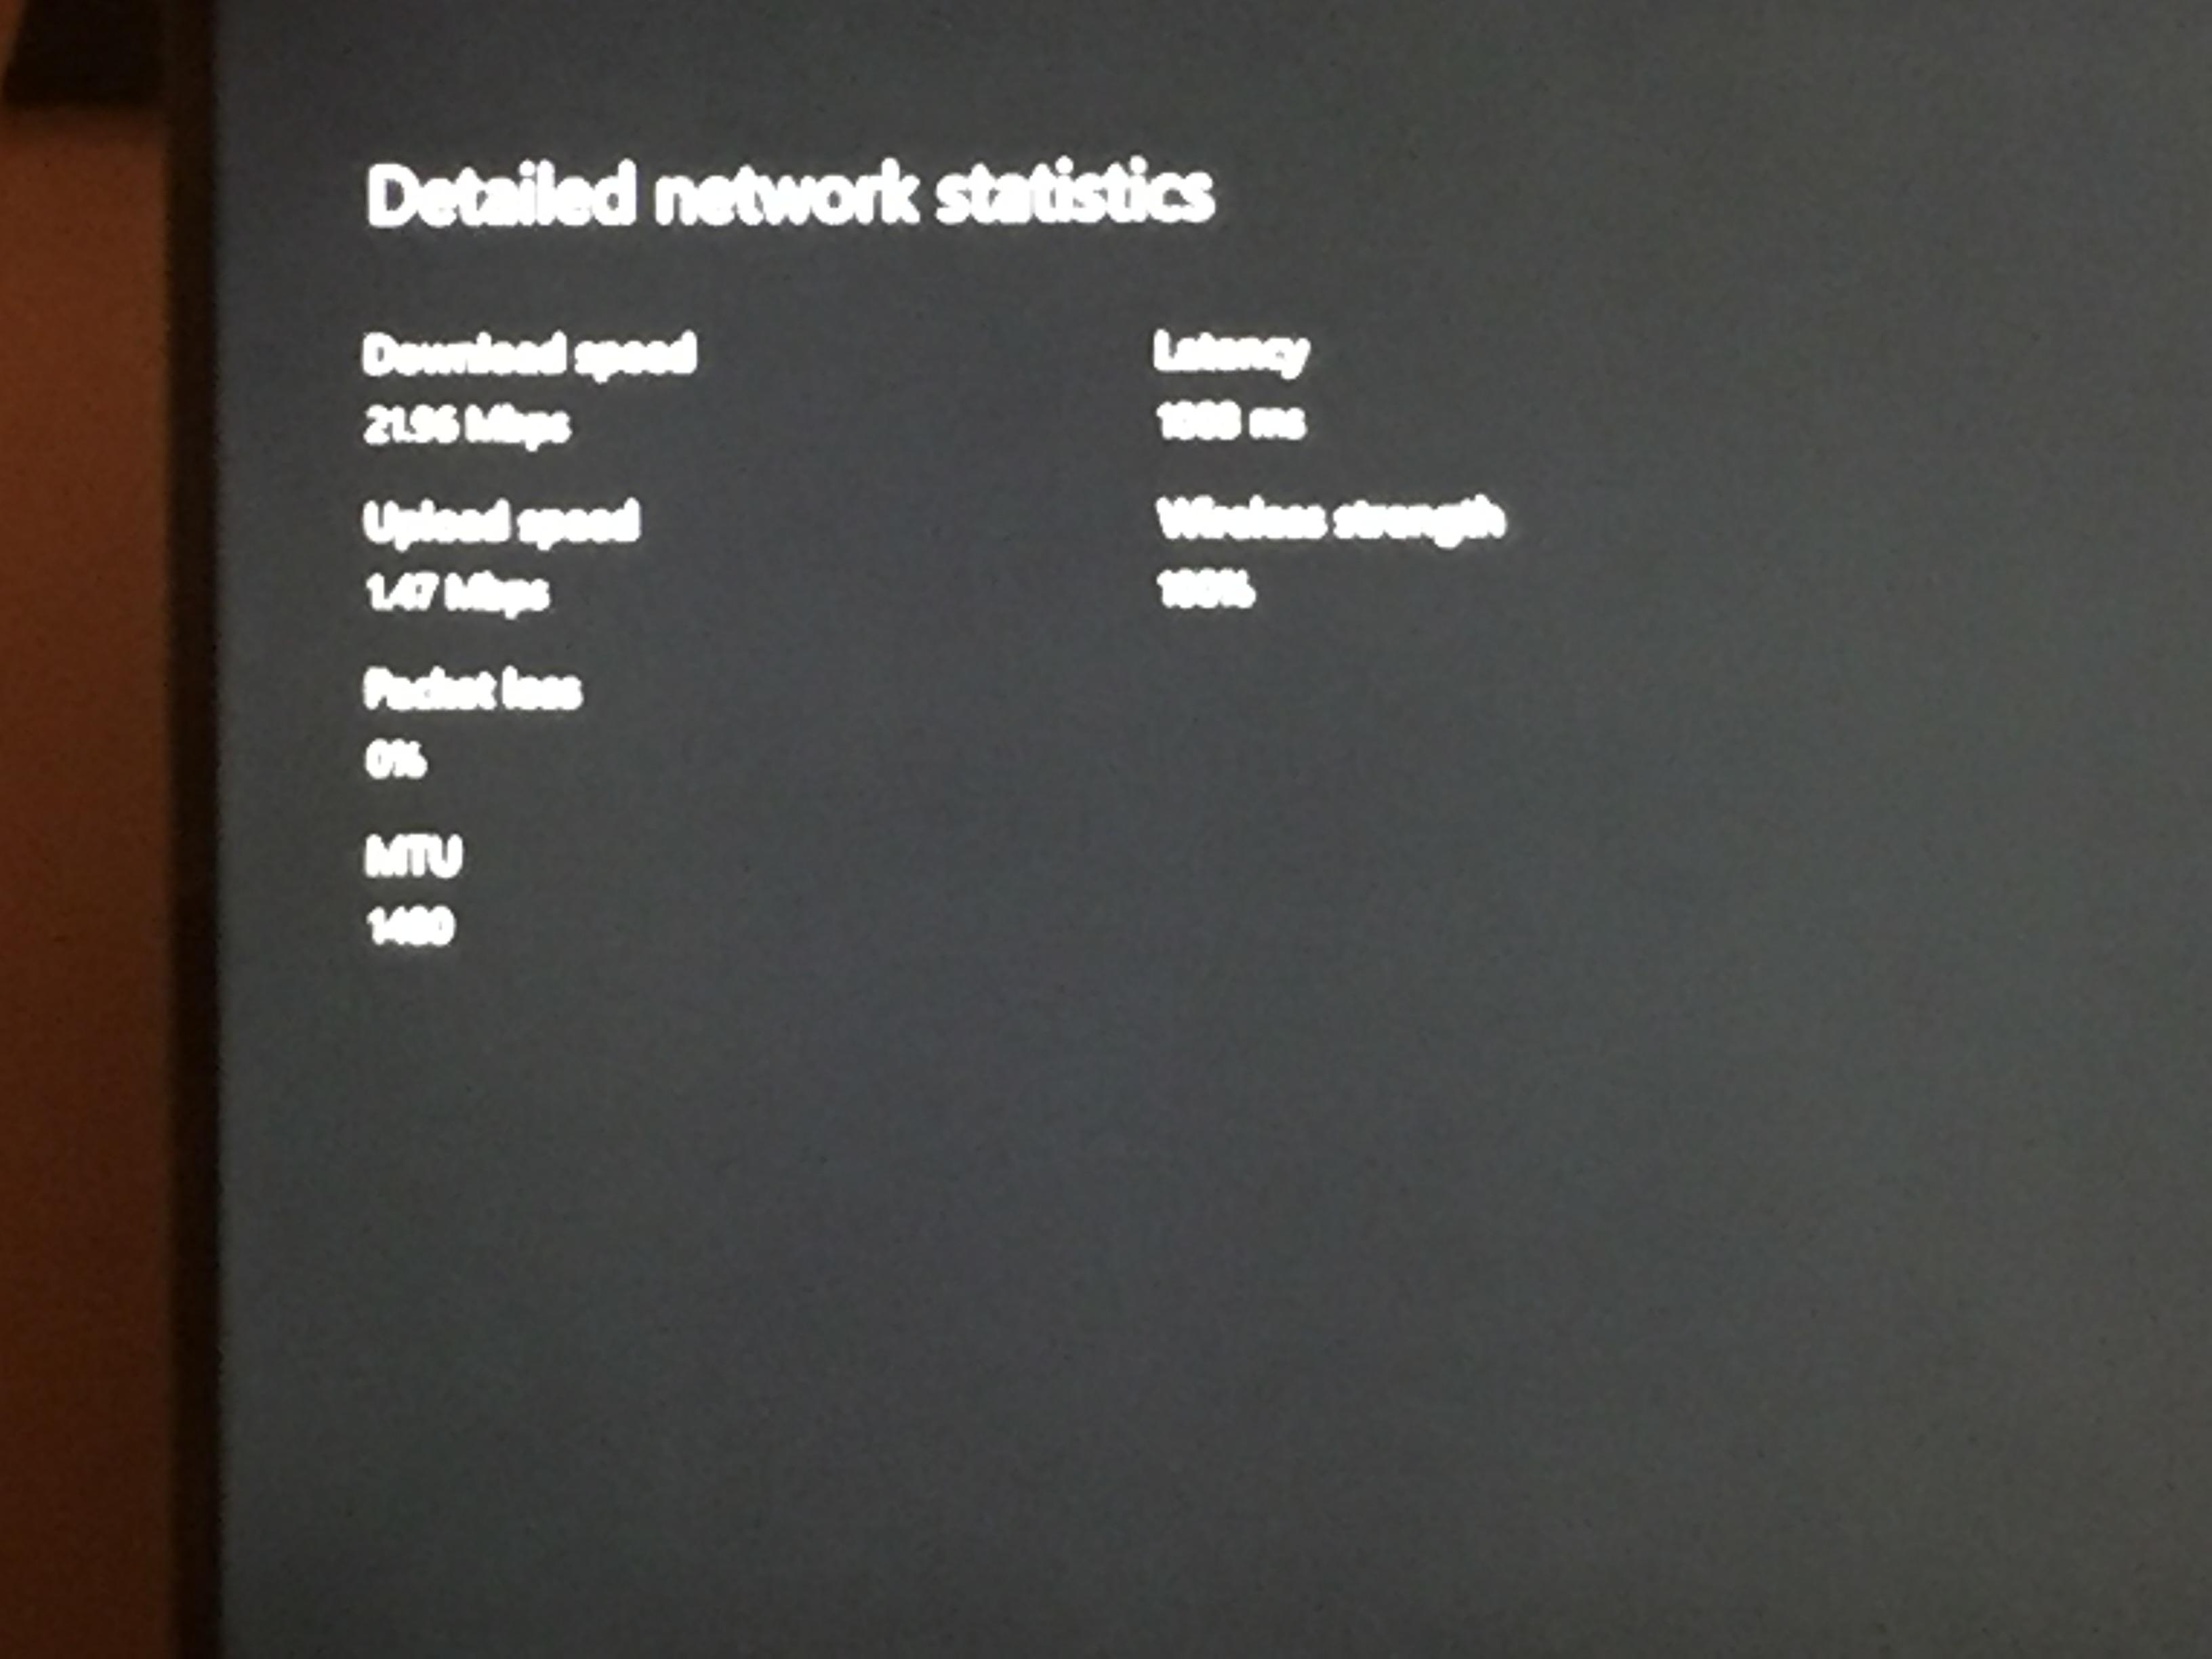 Xbox one x adding latency [IMG]